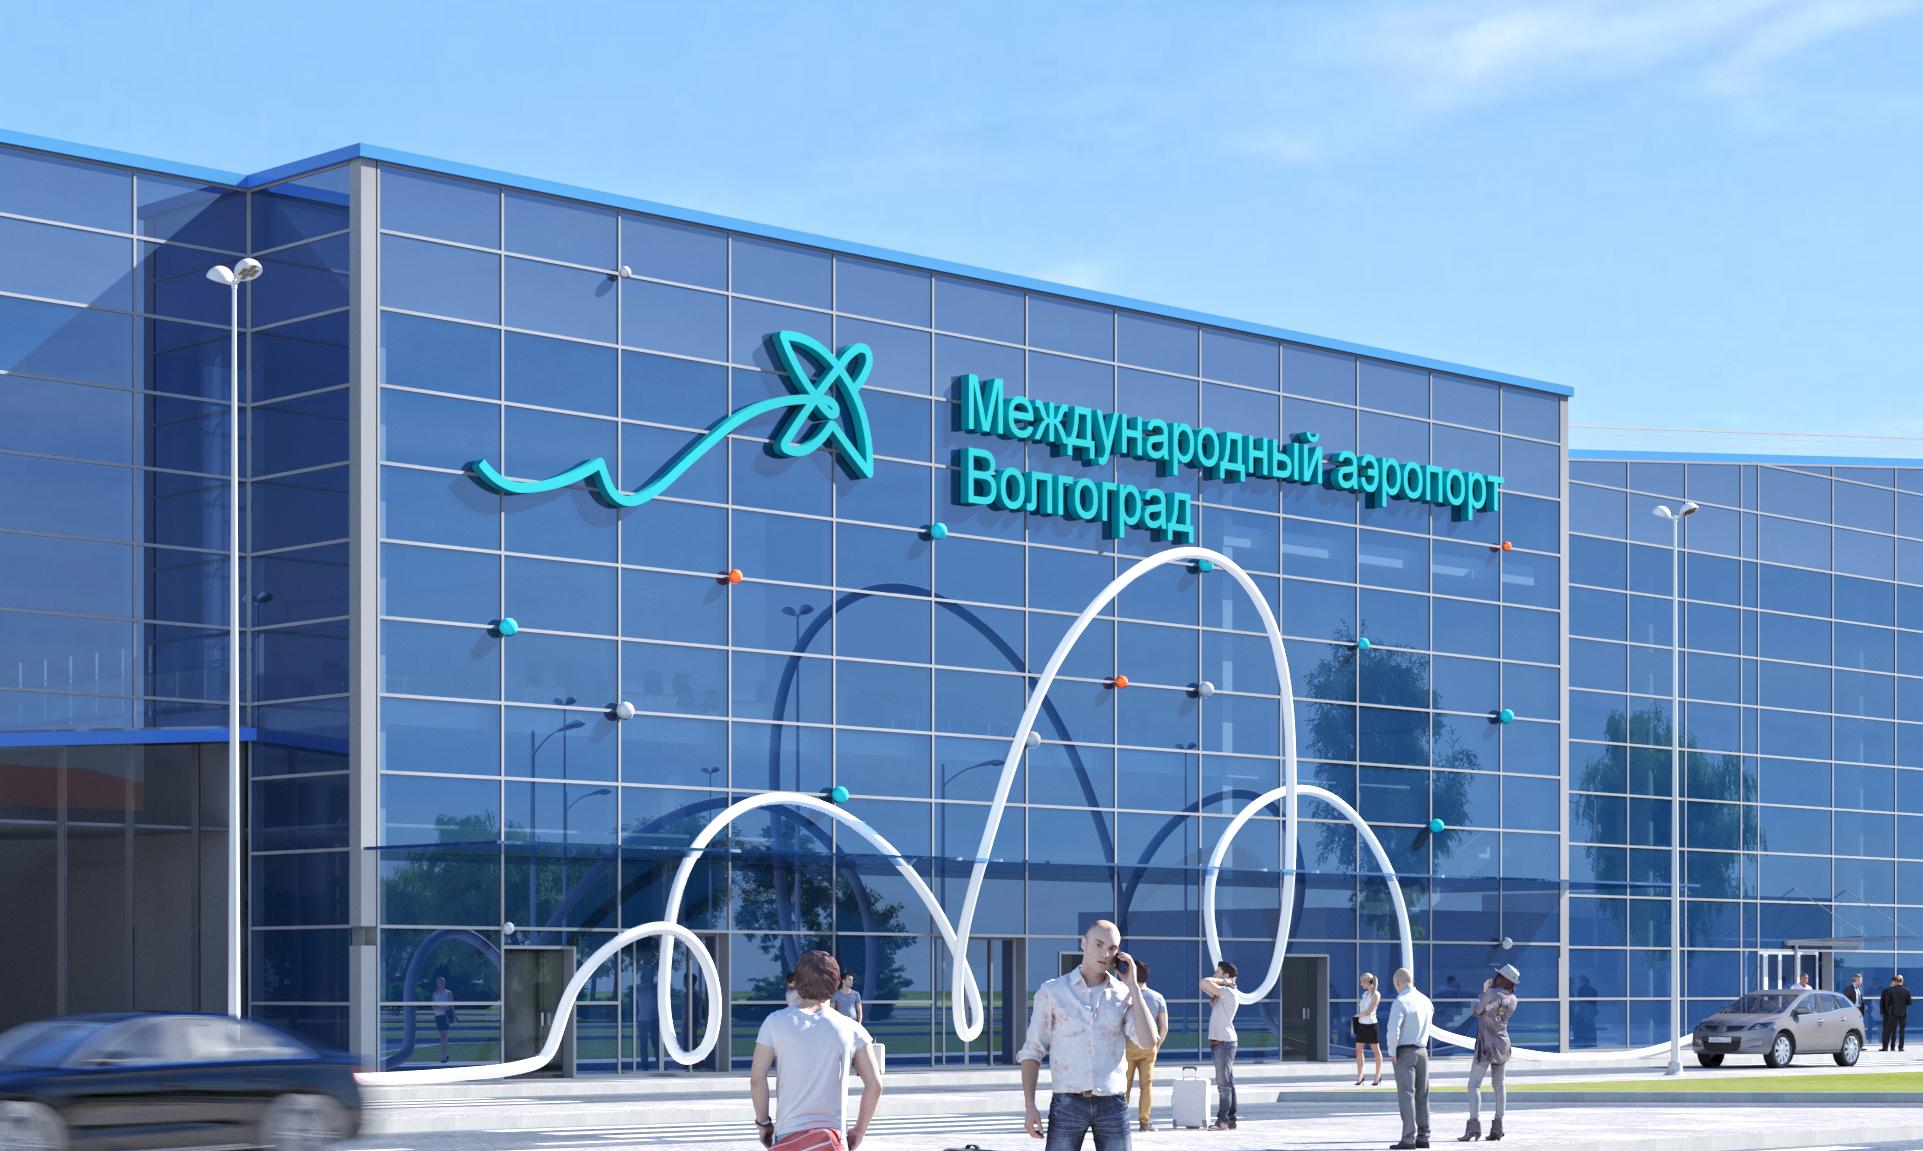 Международный аэропорт Волгограда / 2 очередь